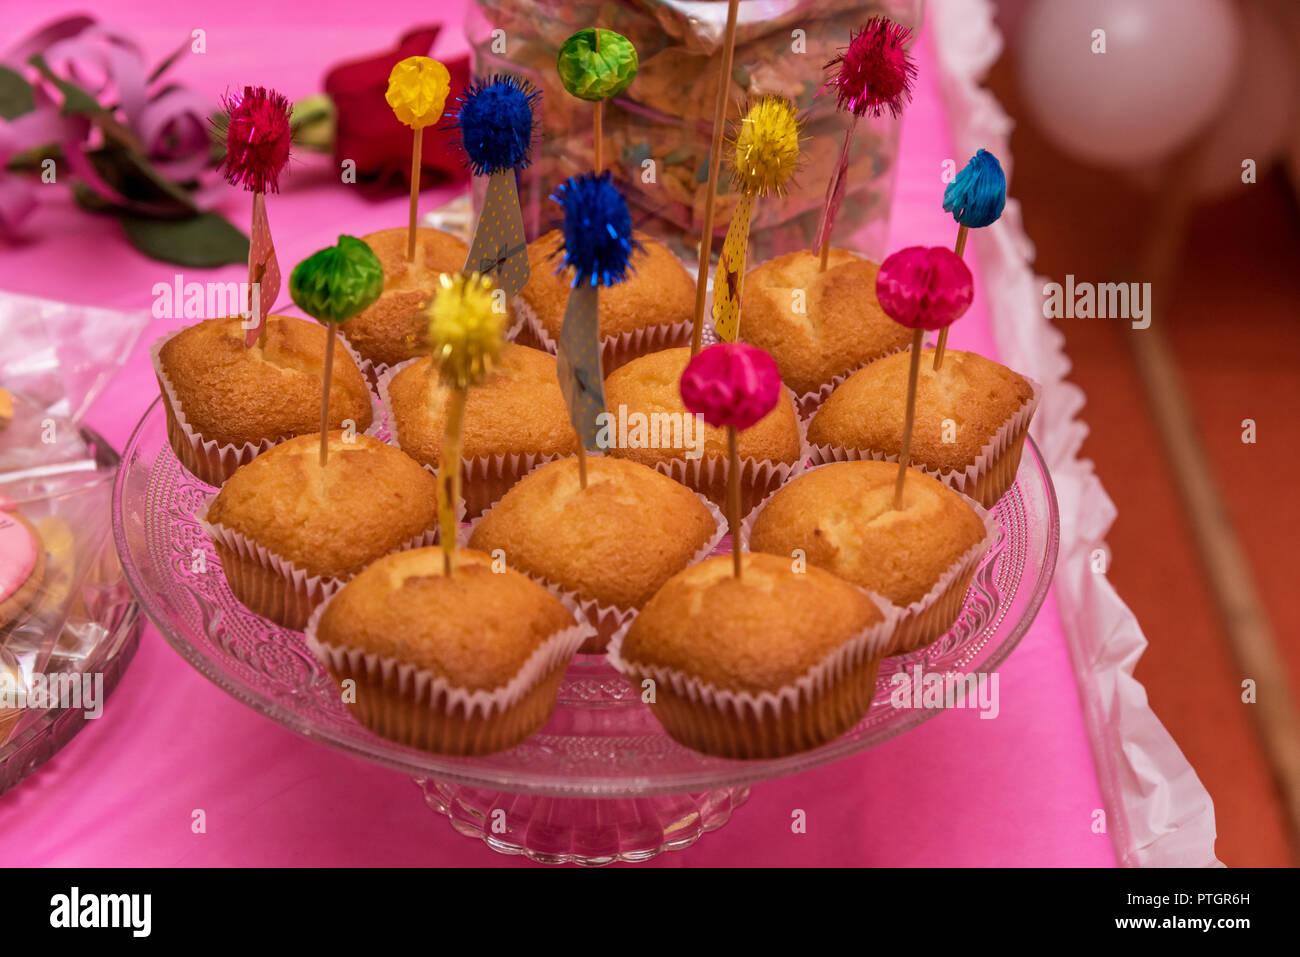 Essen Backen Und Urlaub Konzept Kleine Kuchen Oder Muffins Mit